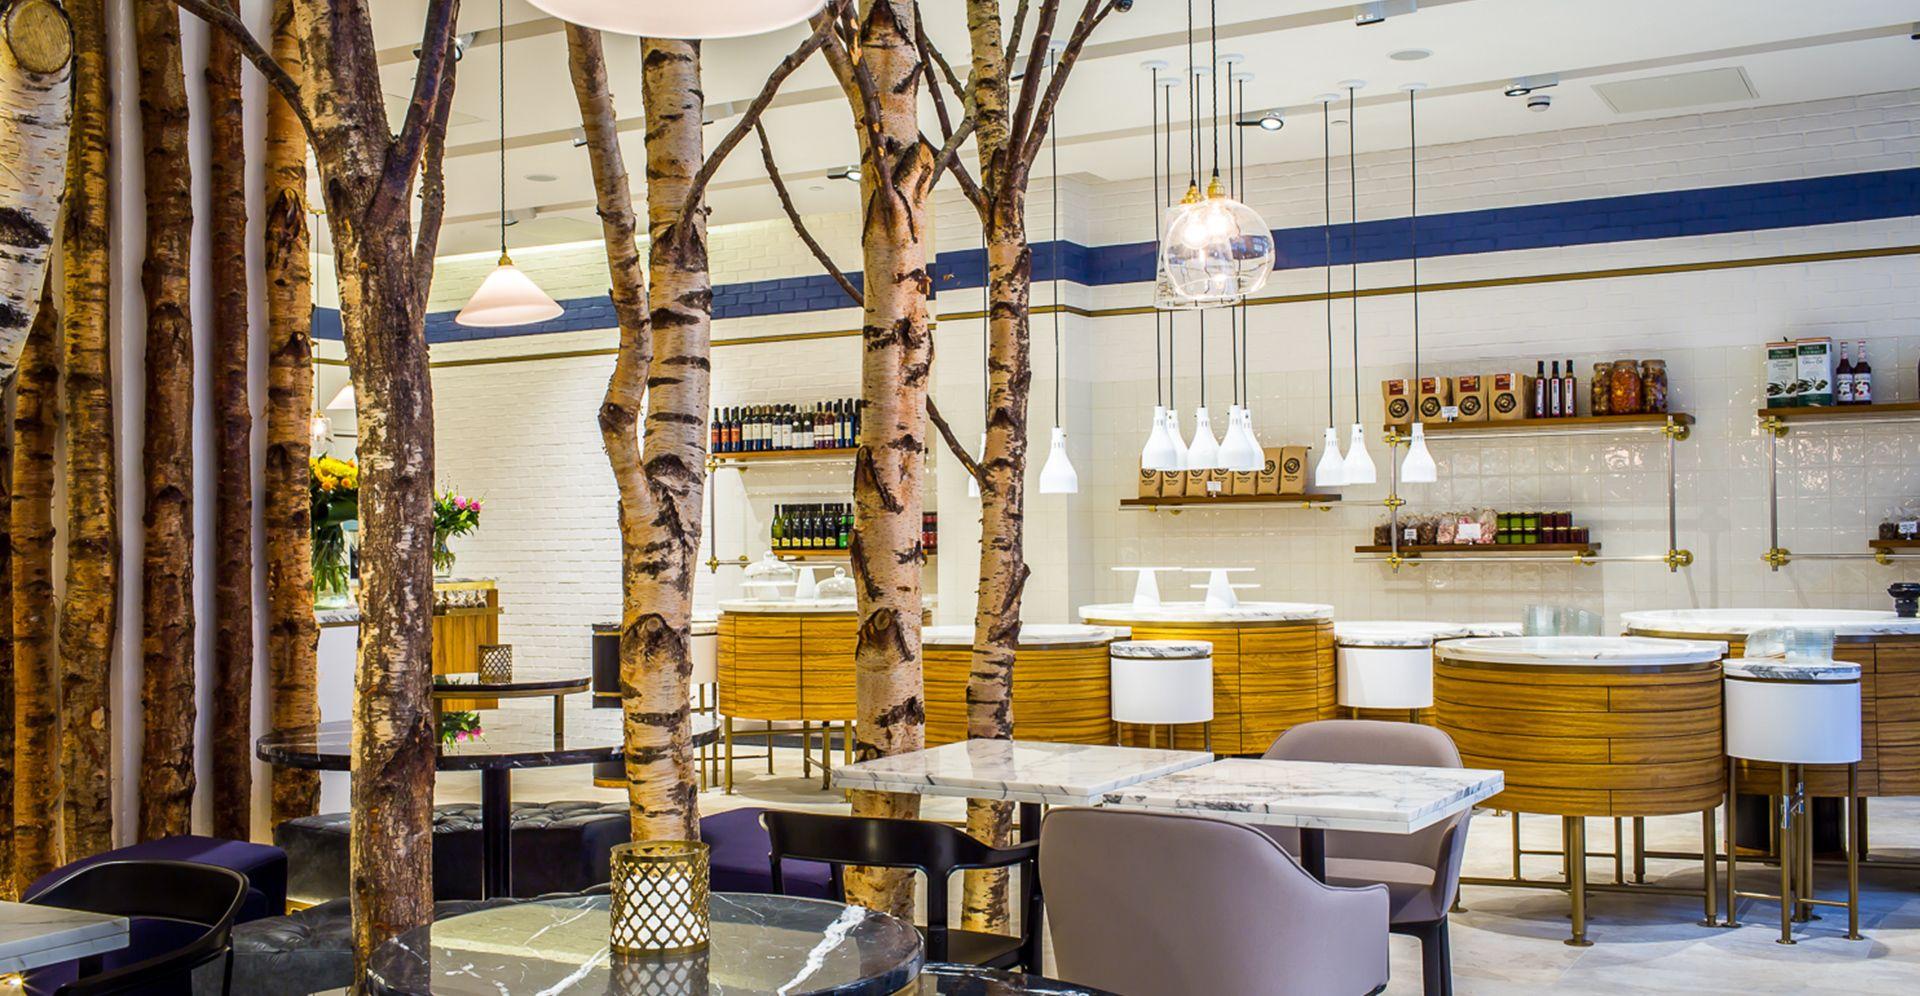 Ethos Restaurant London Vegetarian Restaurant Best Vegetarian Restaurants Restaurant Interior